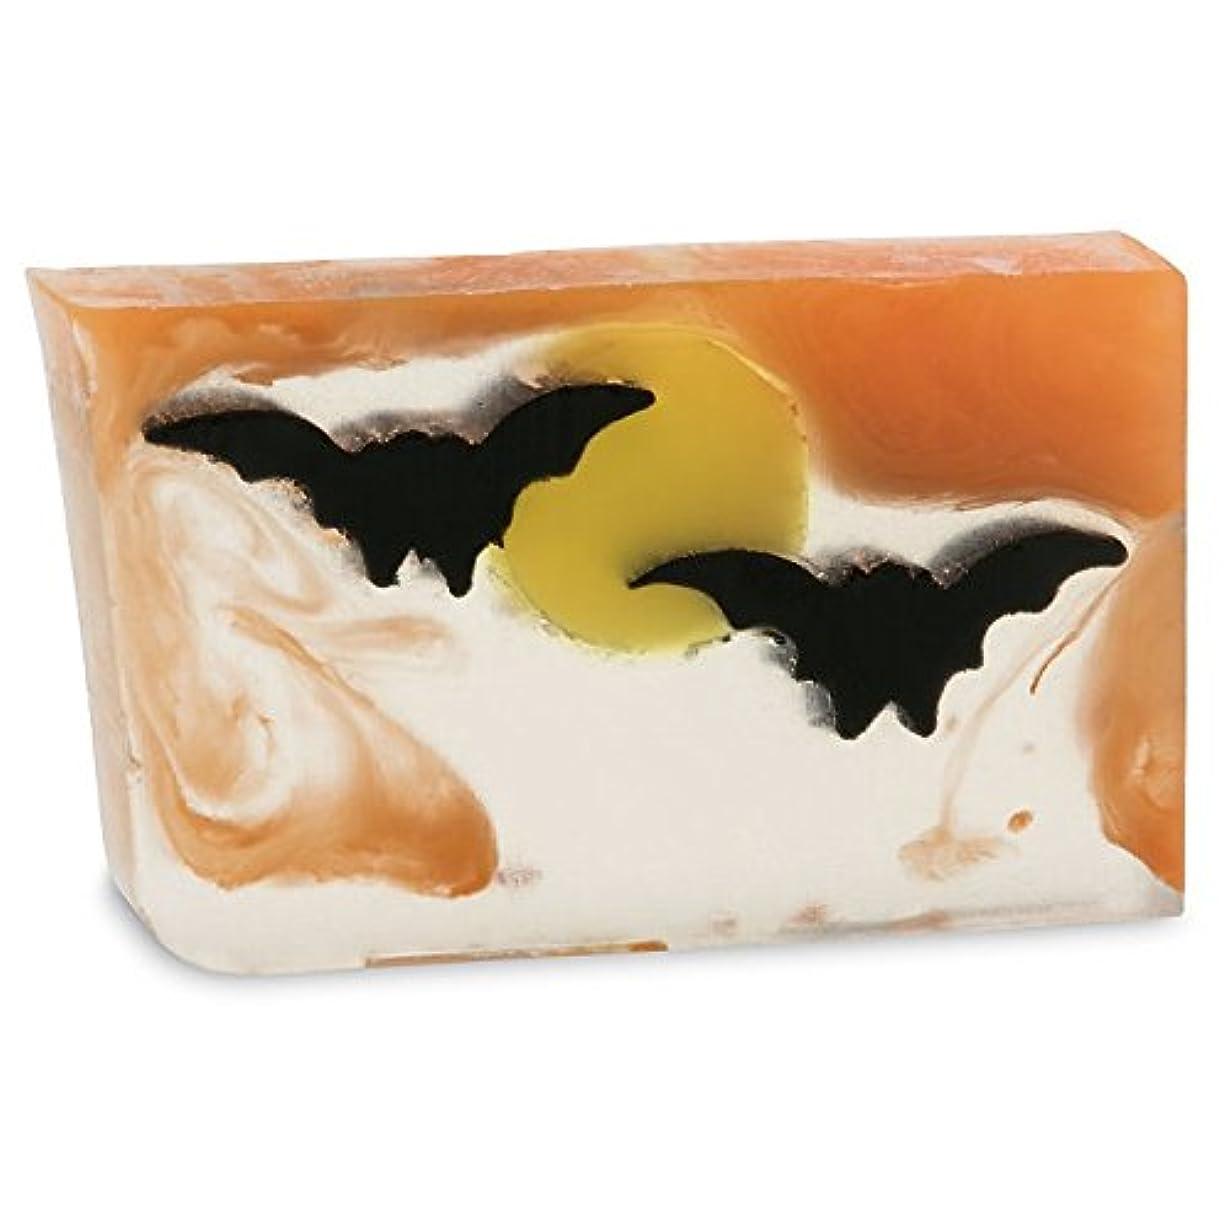 不定ご予約クロールプライモールエレメンツ アロマティック ソープ バット 180g ハロウィンにおすすめ植物性のナチュラル石鹸